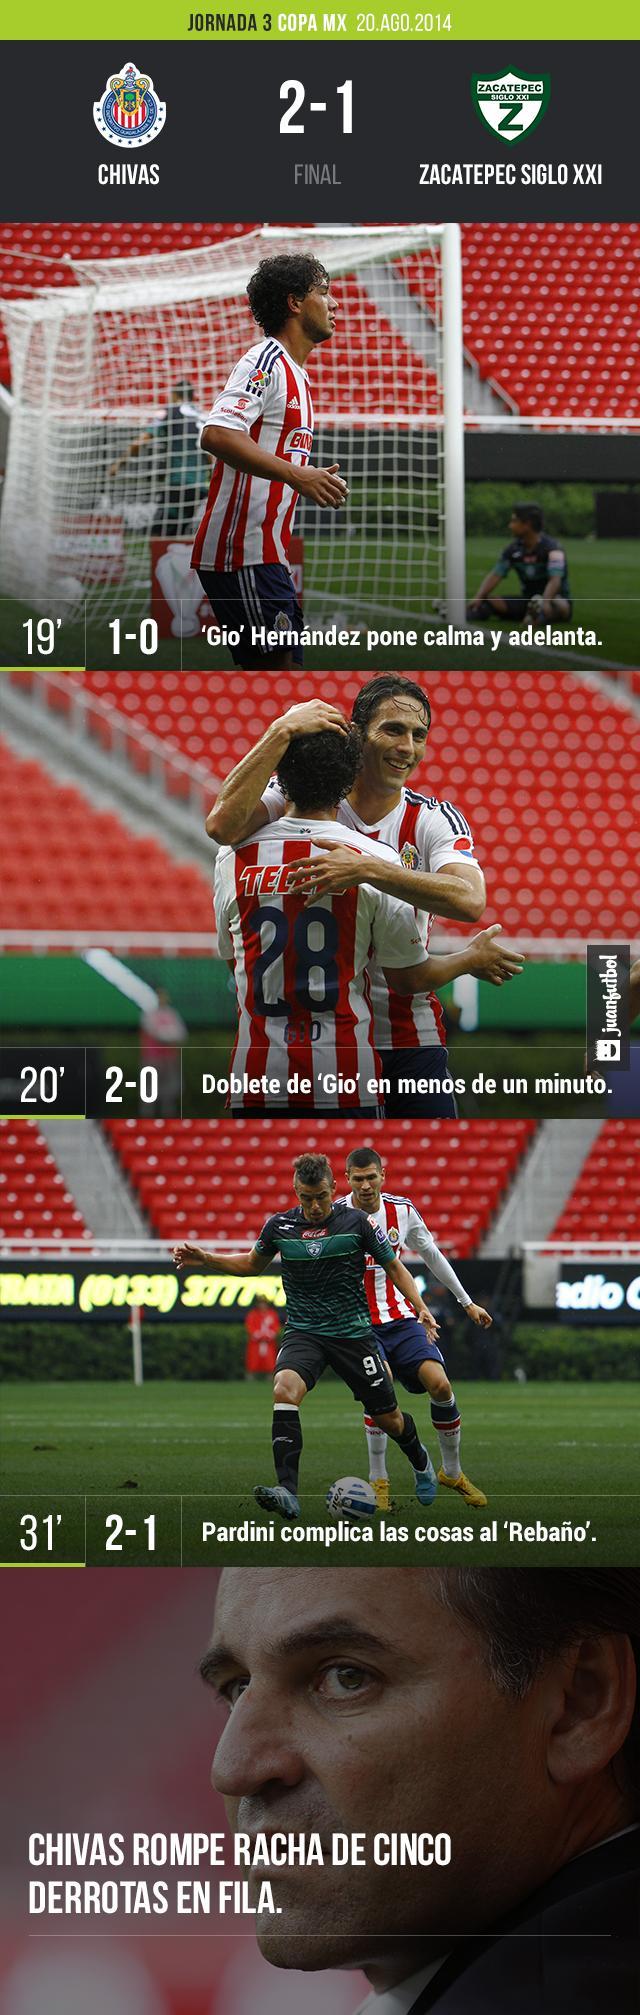 Chivas vs. Zacatepec